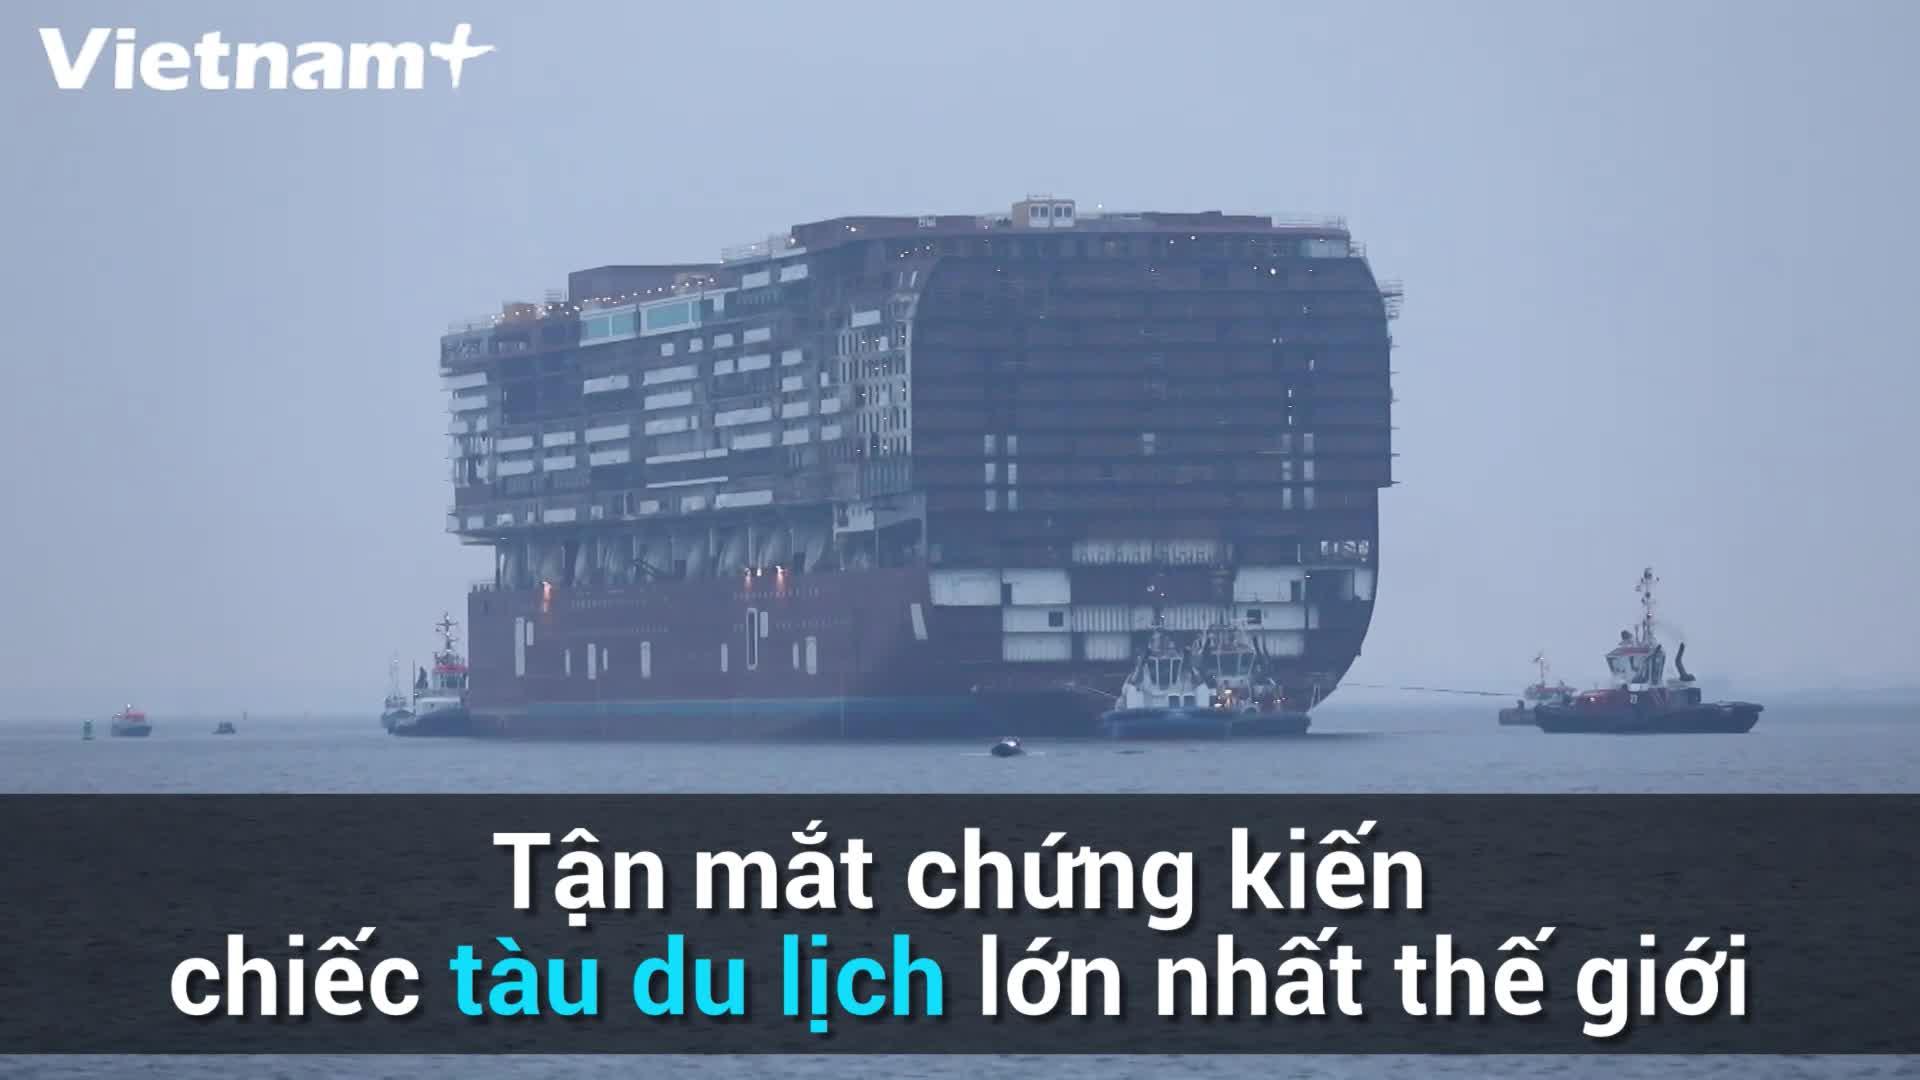 Tận mắt chứng kiến tàu du lịch lớn nhất thế giới